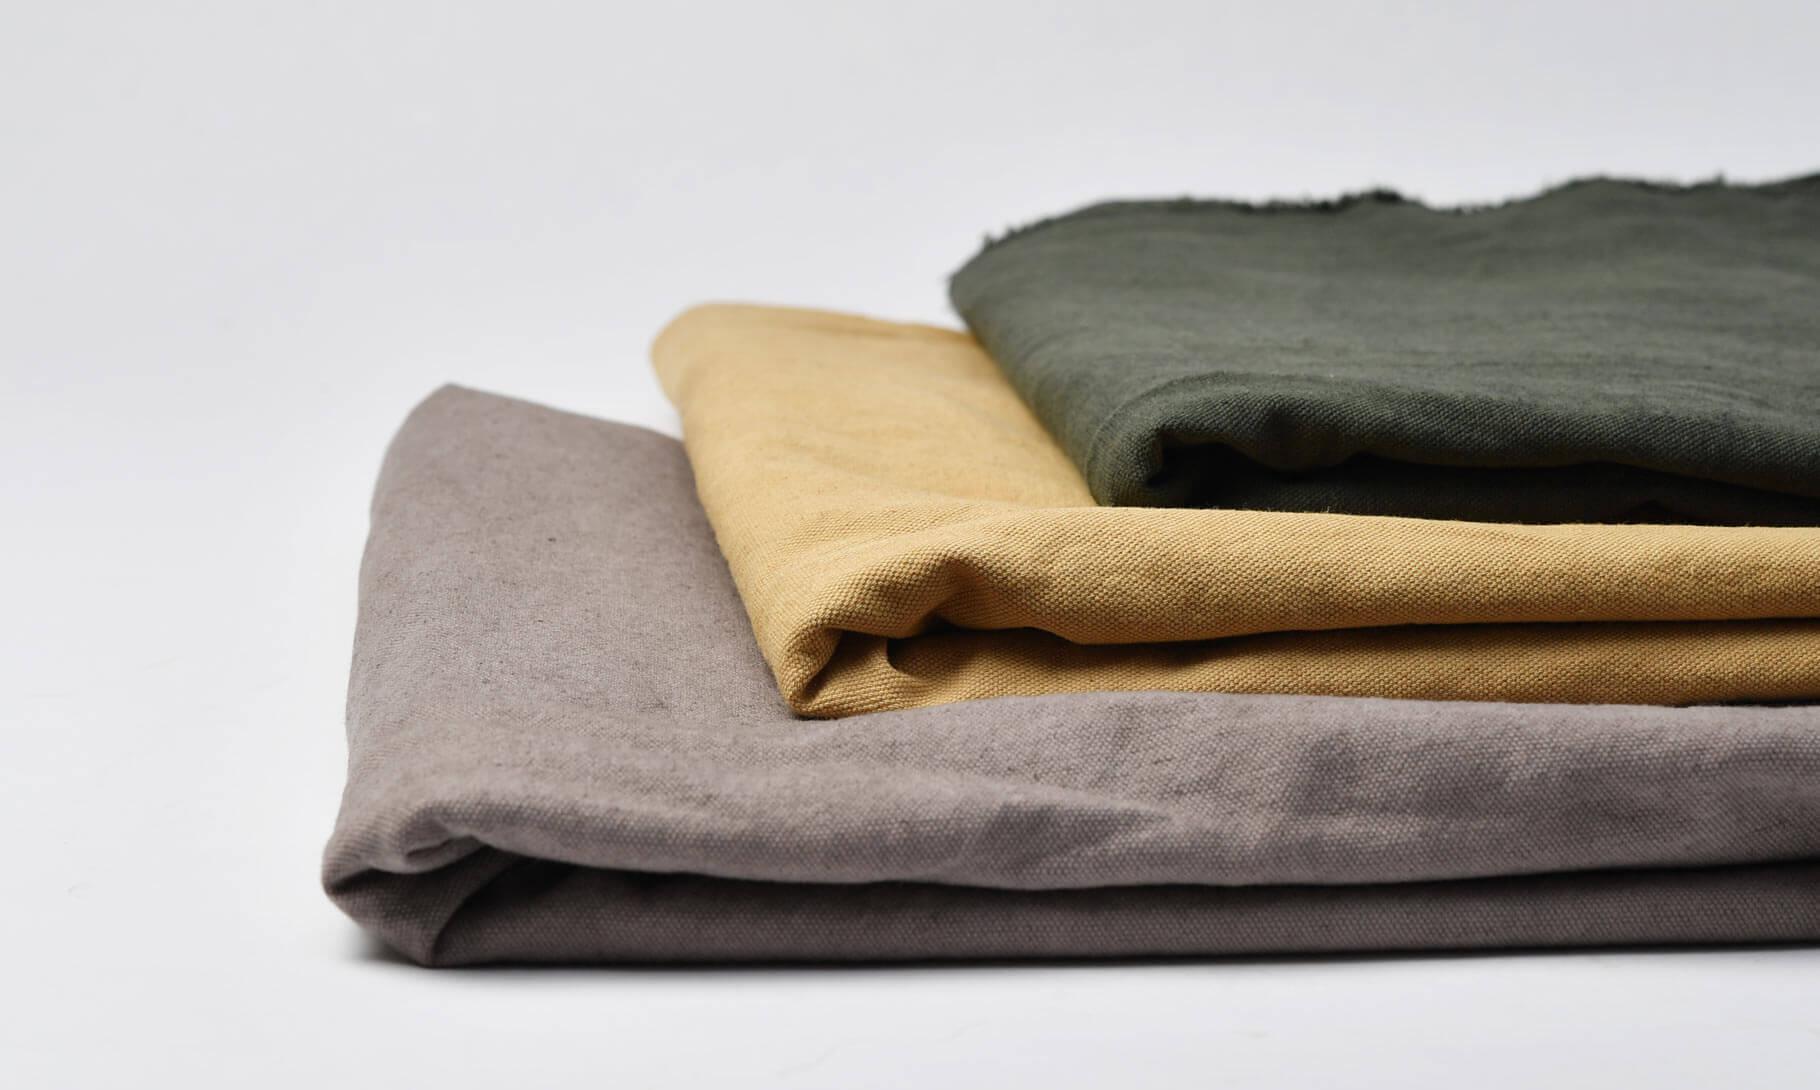 ダメージダイド綿麻混合3種類畳んである